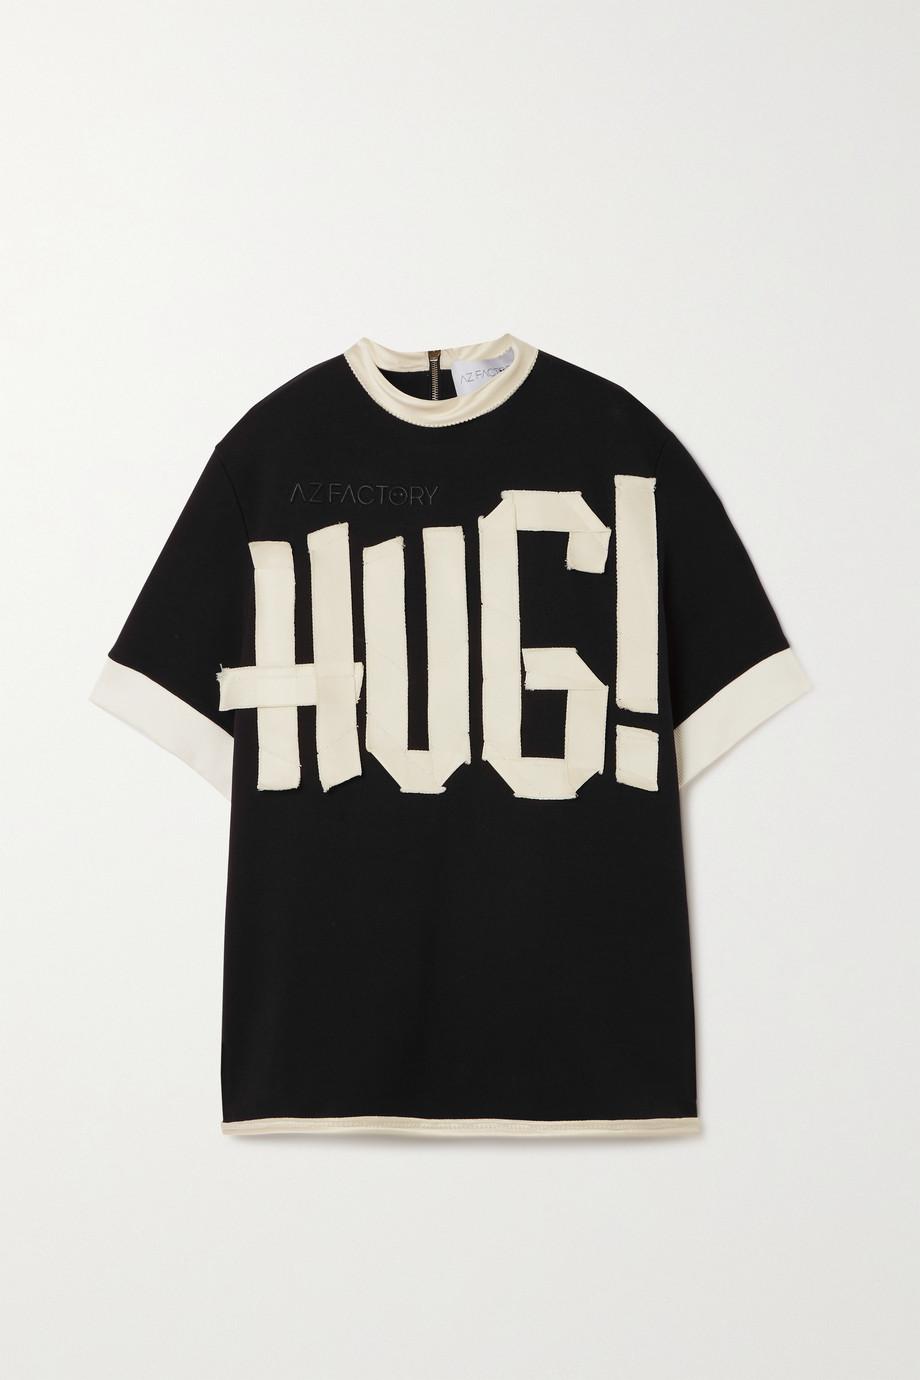 AZ Factory T-shirt en jersey de coton biologique à appliqués Free To